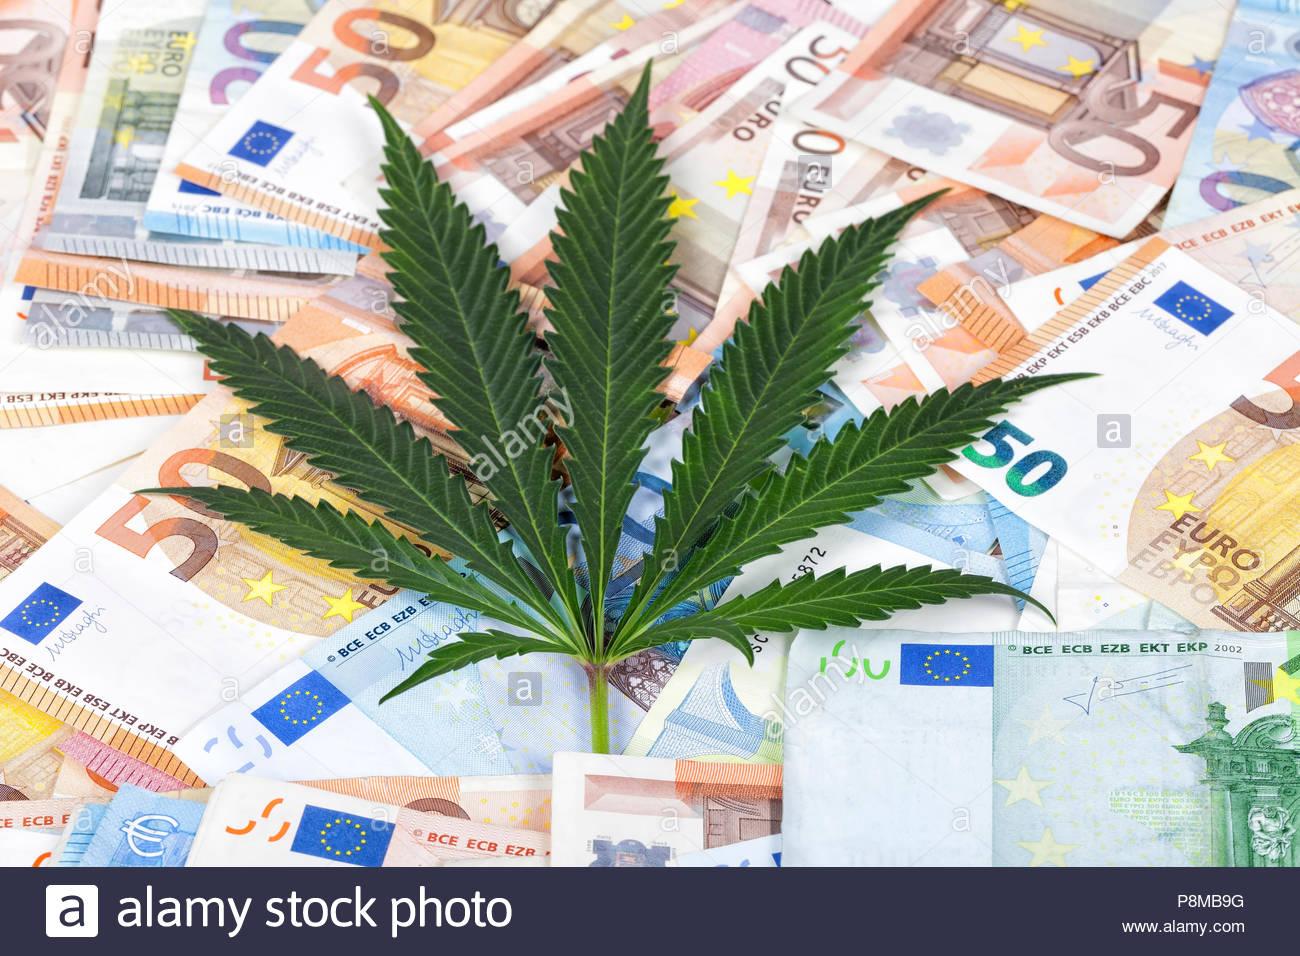 Legalizzare la Cannabis per risollevare le sorti dell'economia italiana?